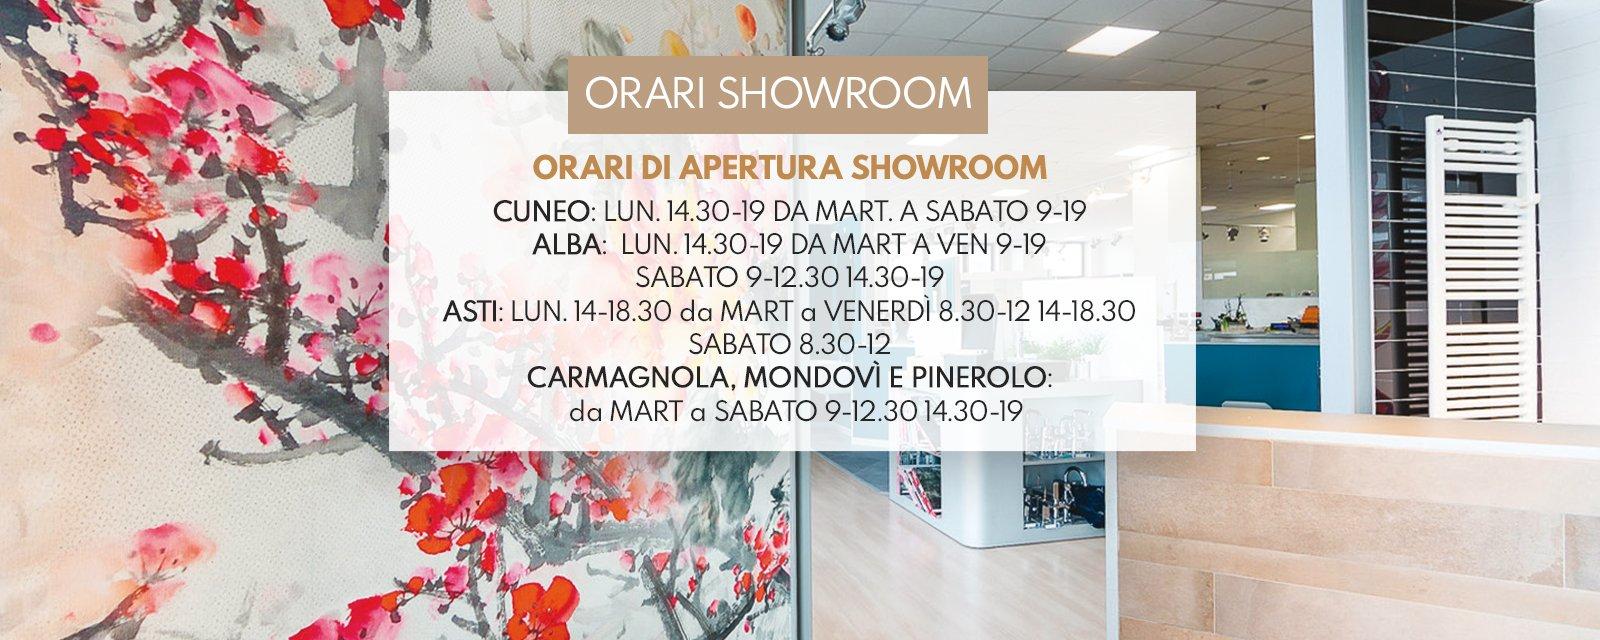 Orari showroom